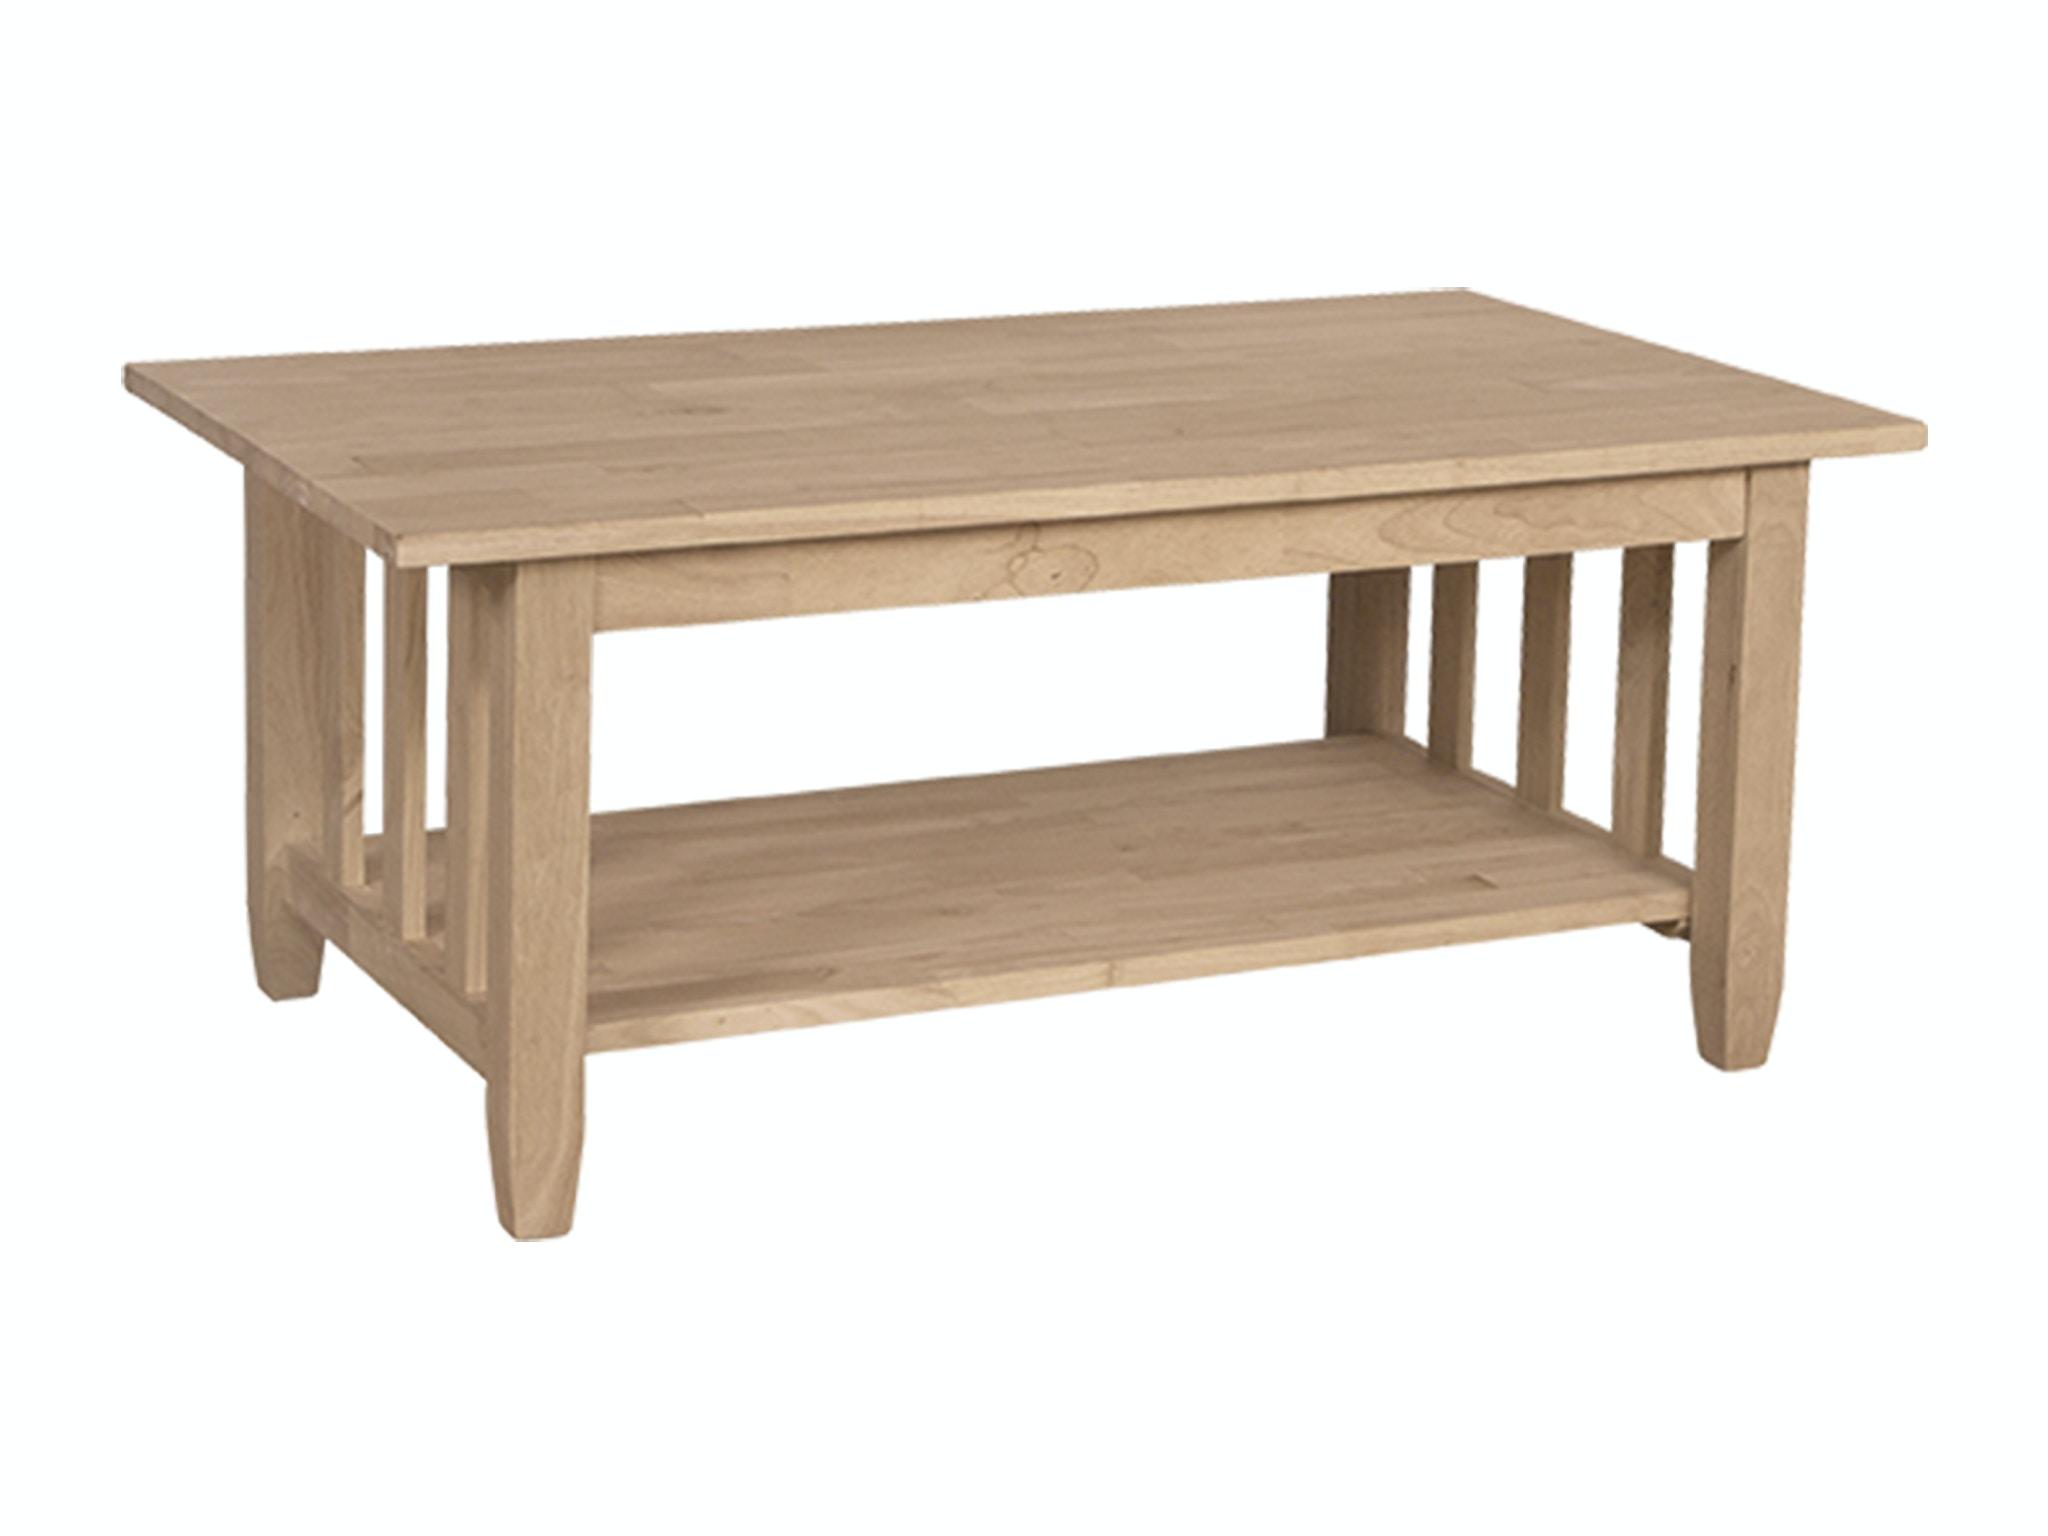 John Thomas Furniture